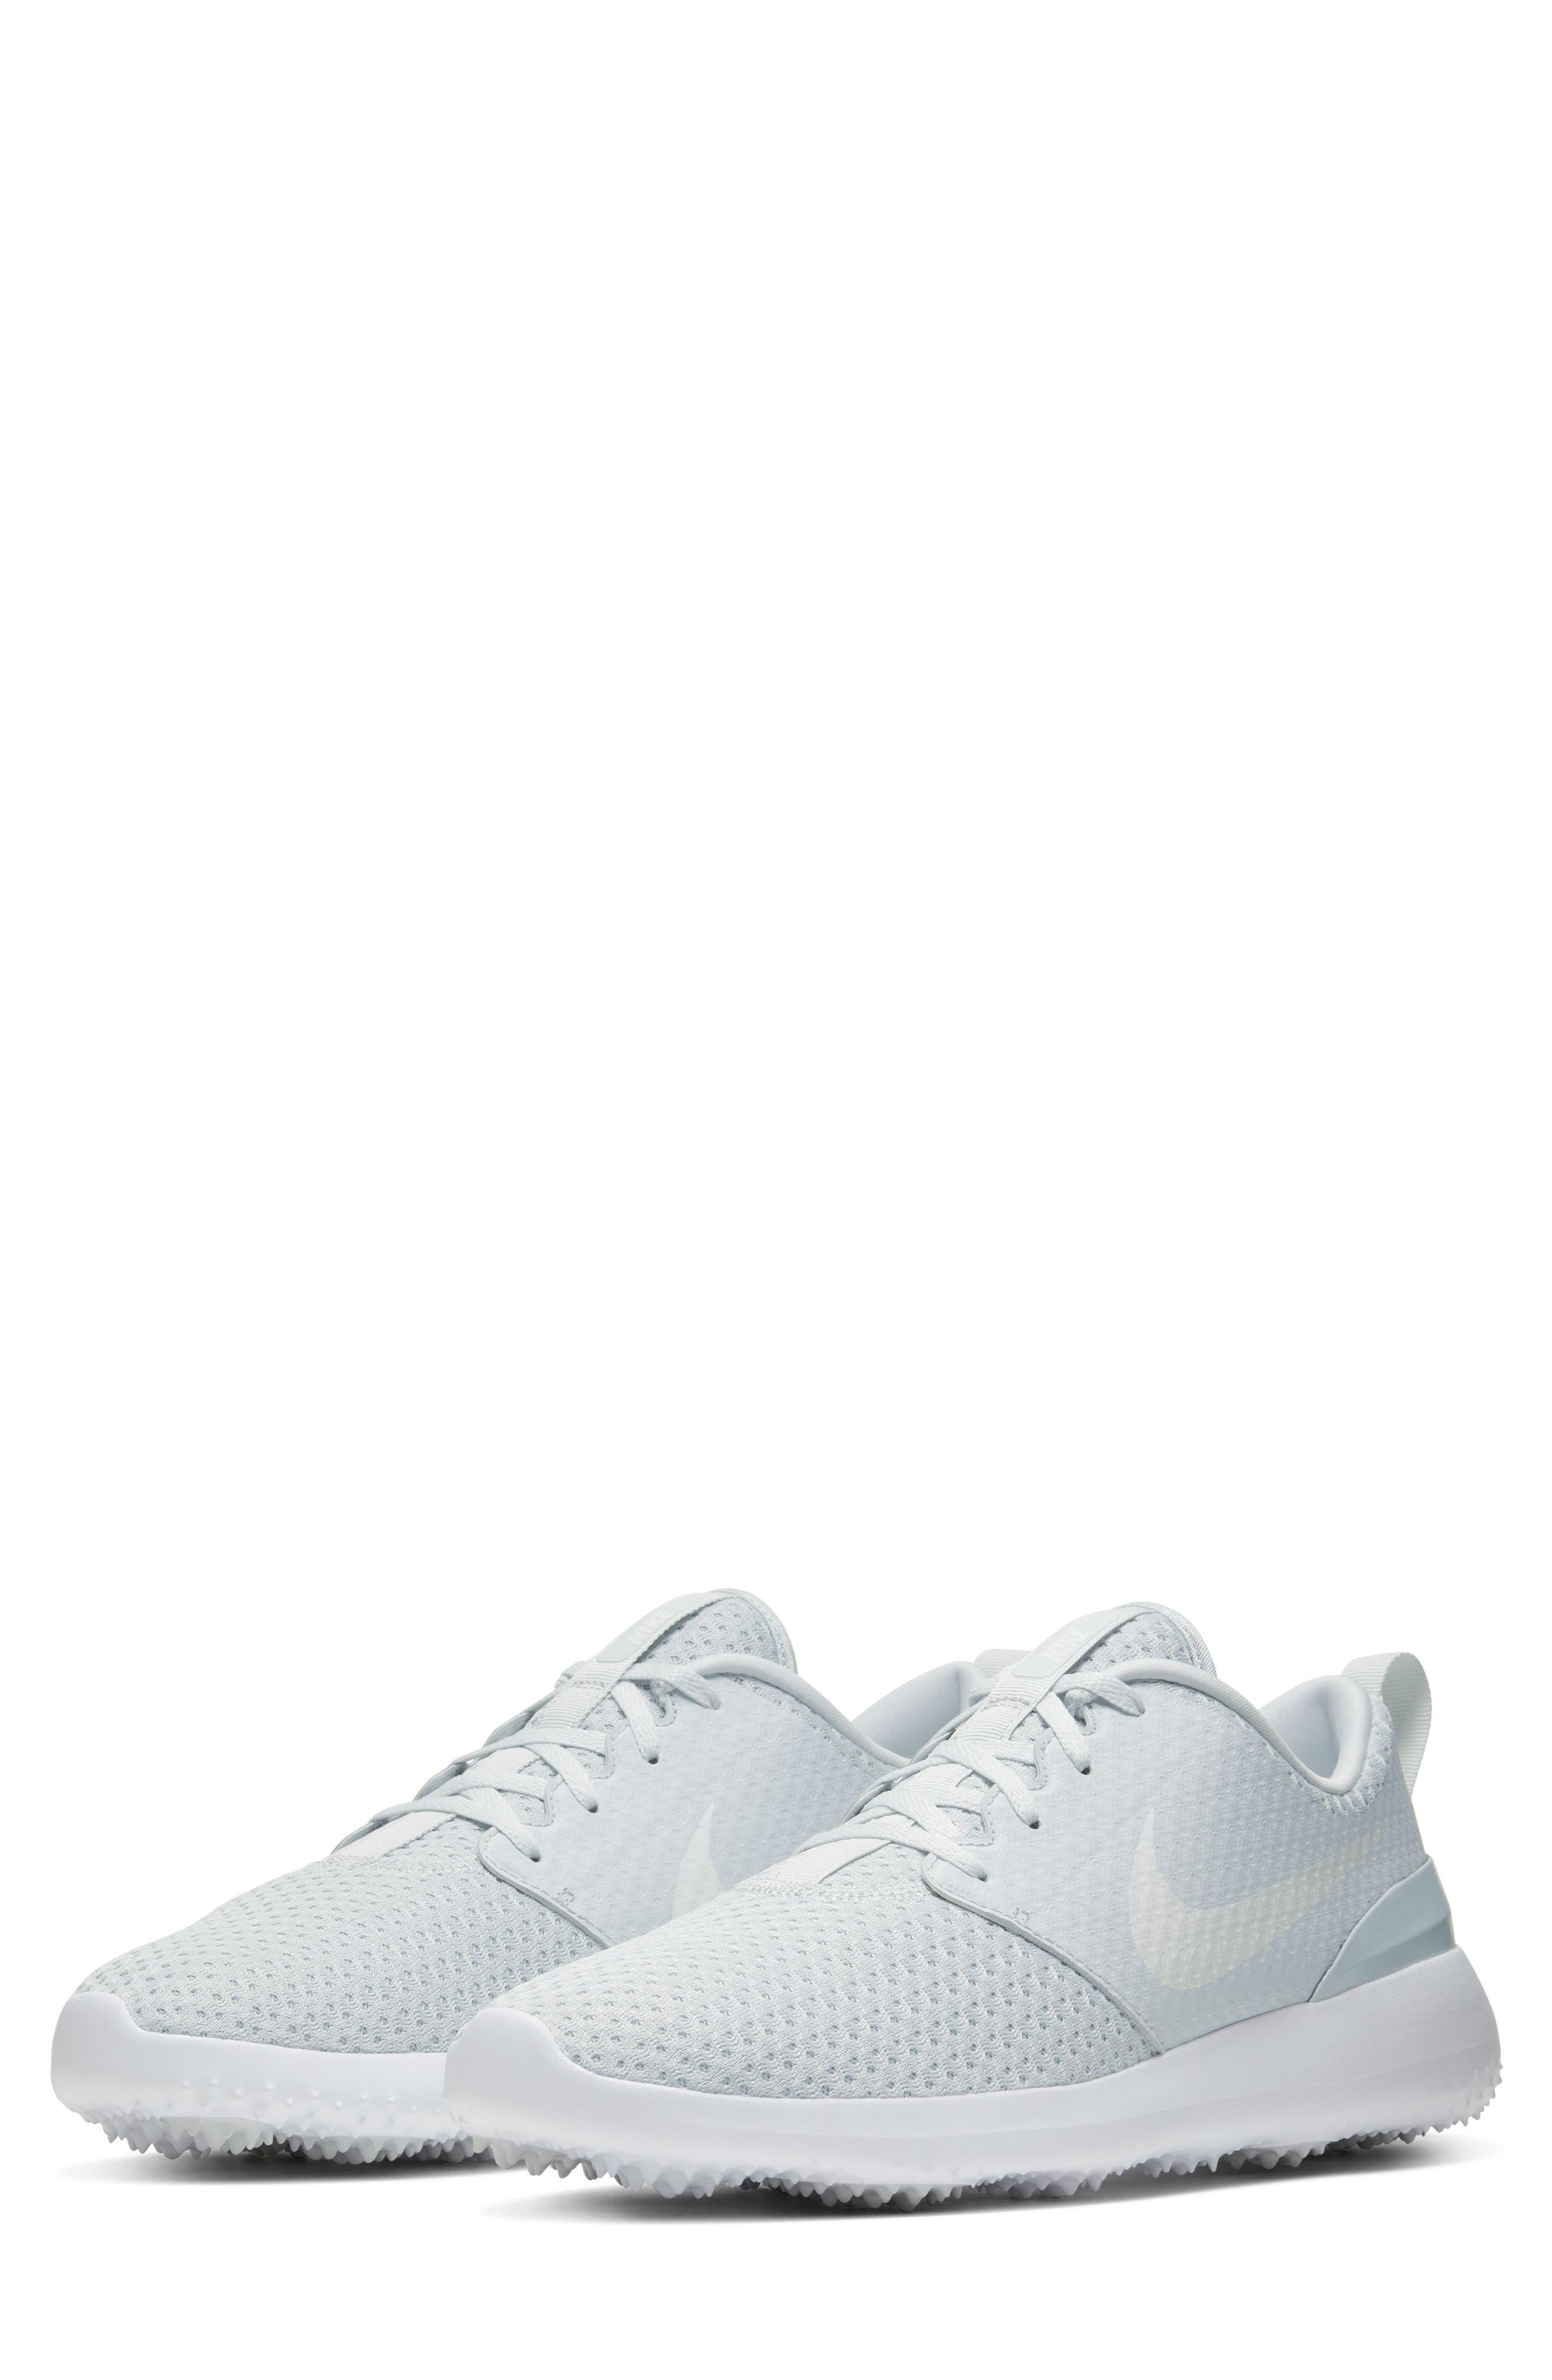 Men's Nike Roshe G Golf Shoe, Size 13 M